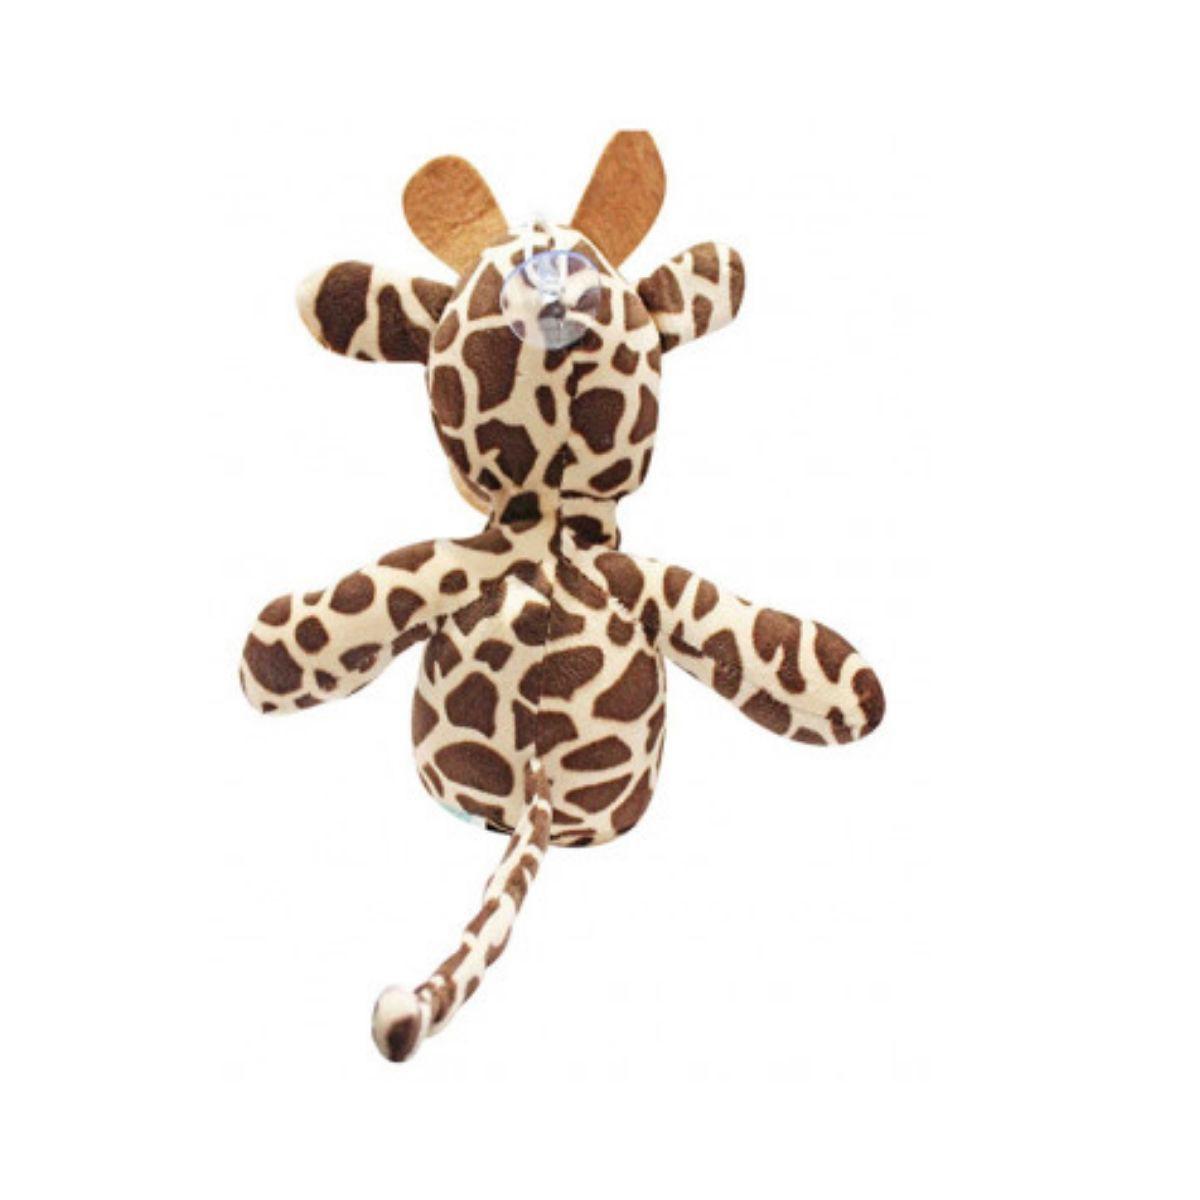 Bicho de Pelúcia Safari Girafa Decoração de Quarto Infantil  - Game Land Brinquedos